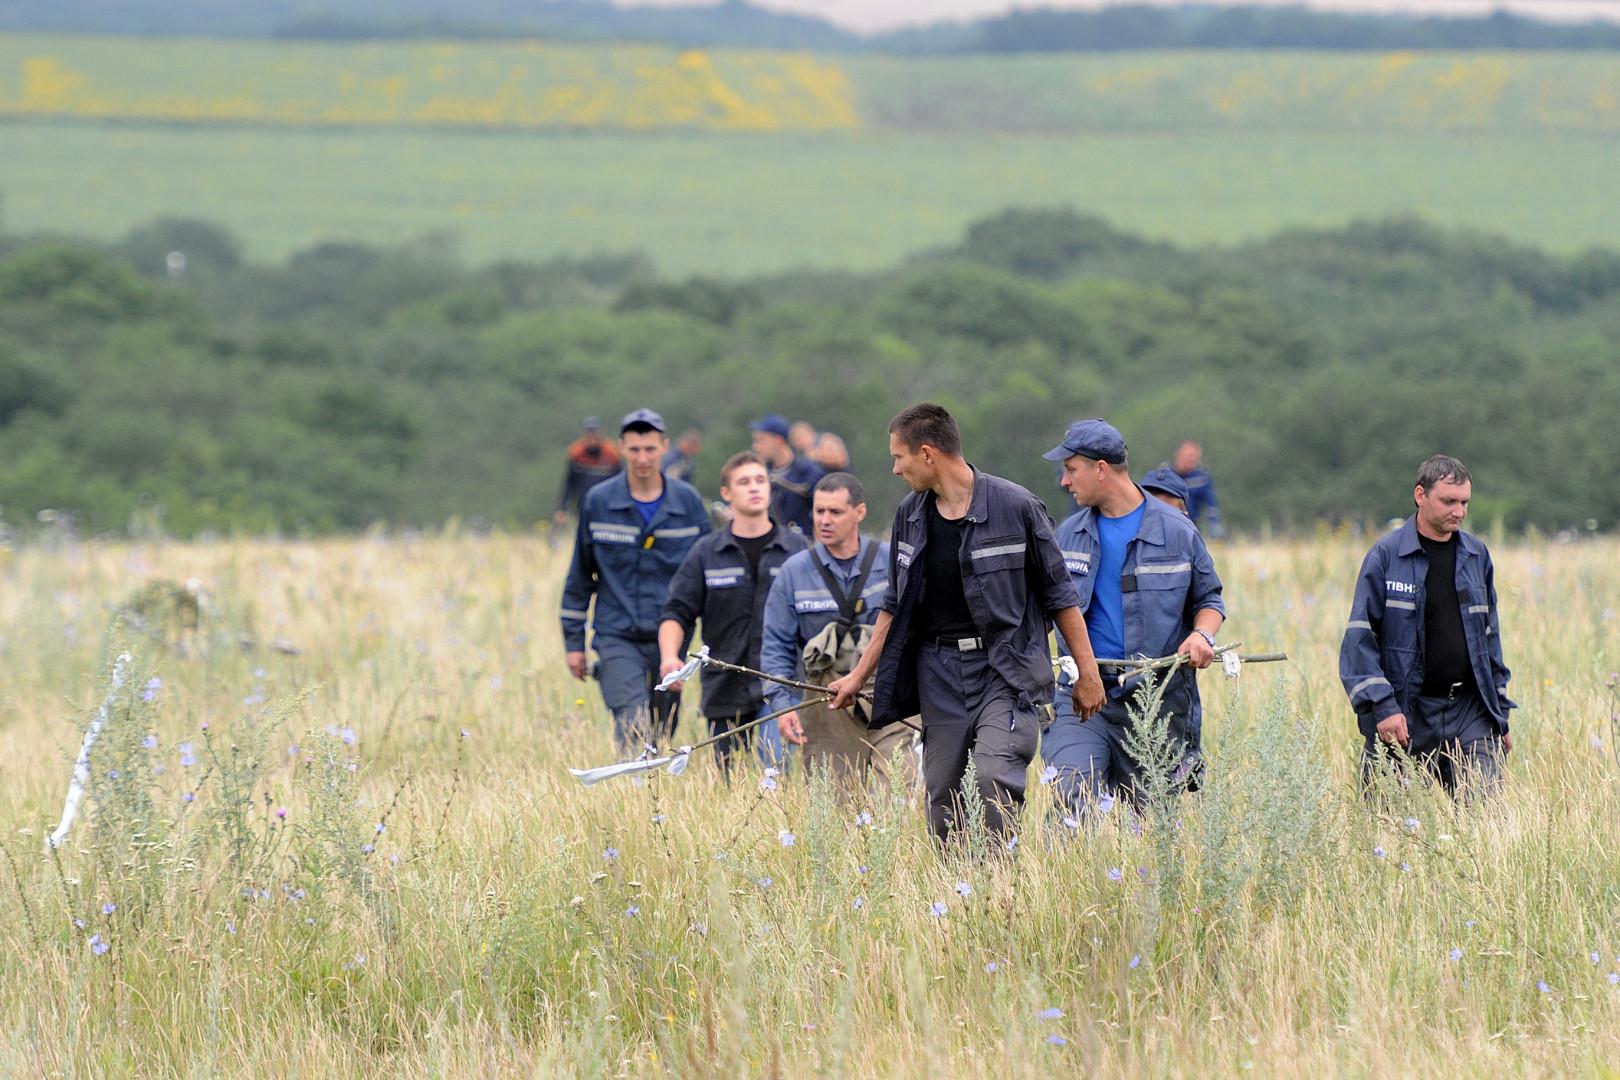 Les secouristes sur place cherchent les corps des victimes, qu'ils marquent d'un piquet surmonté d'un fanion blanc